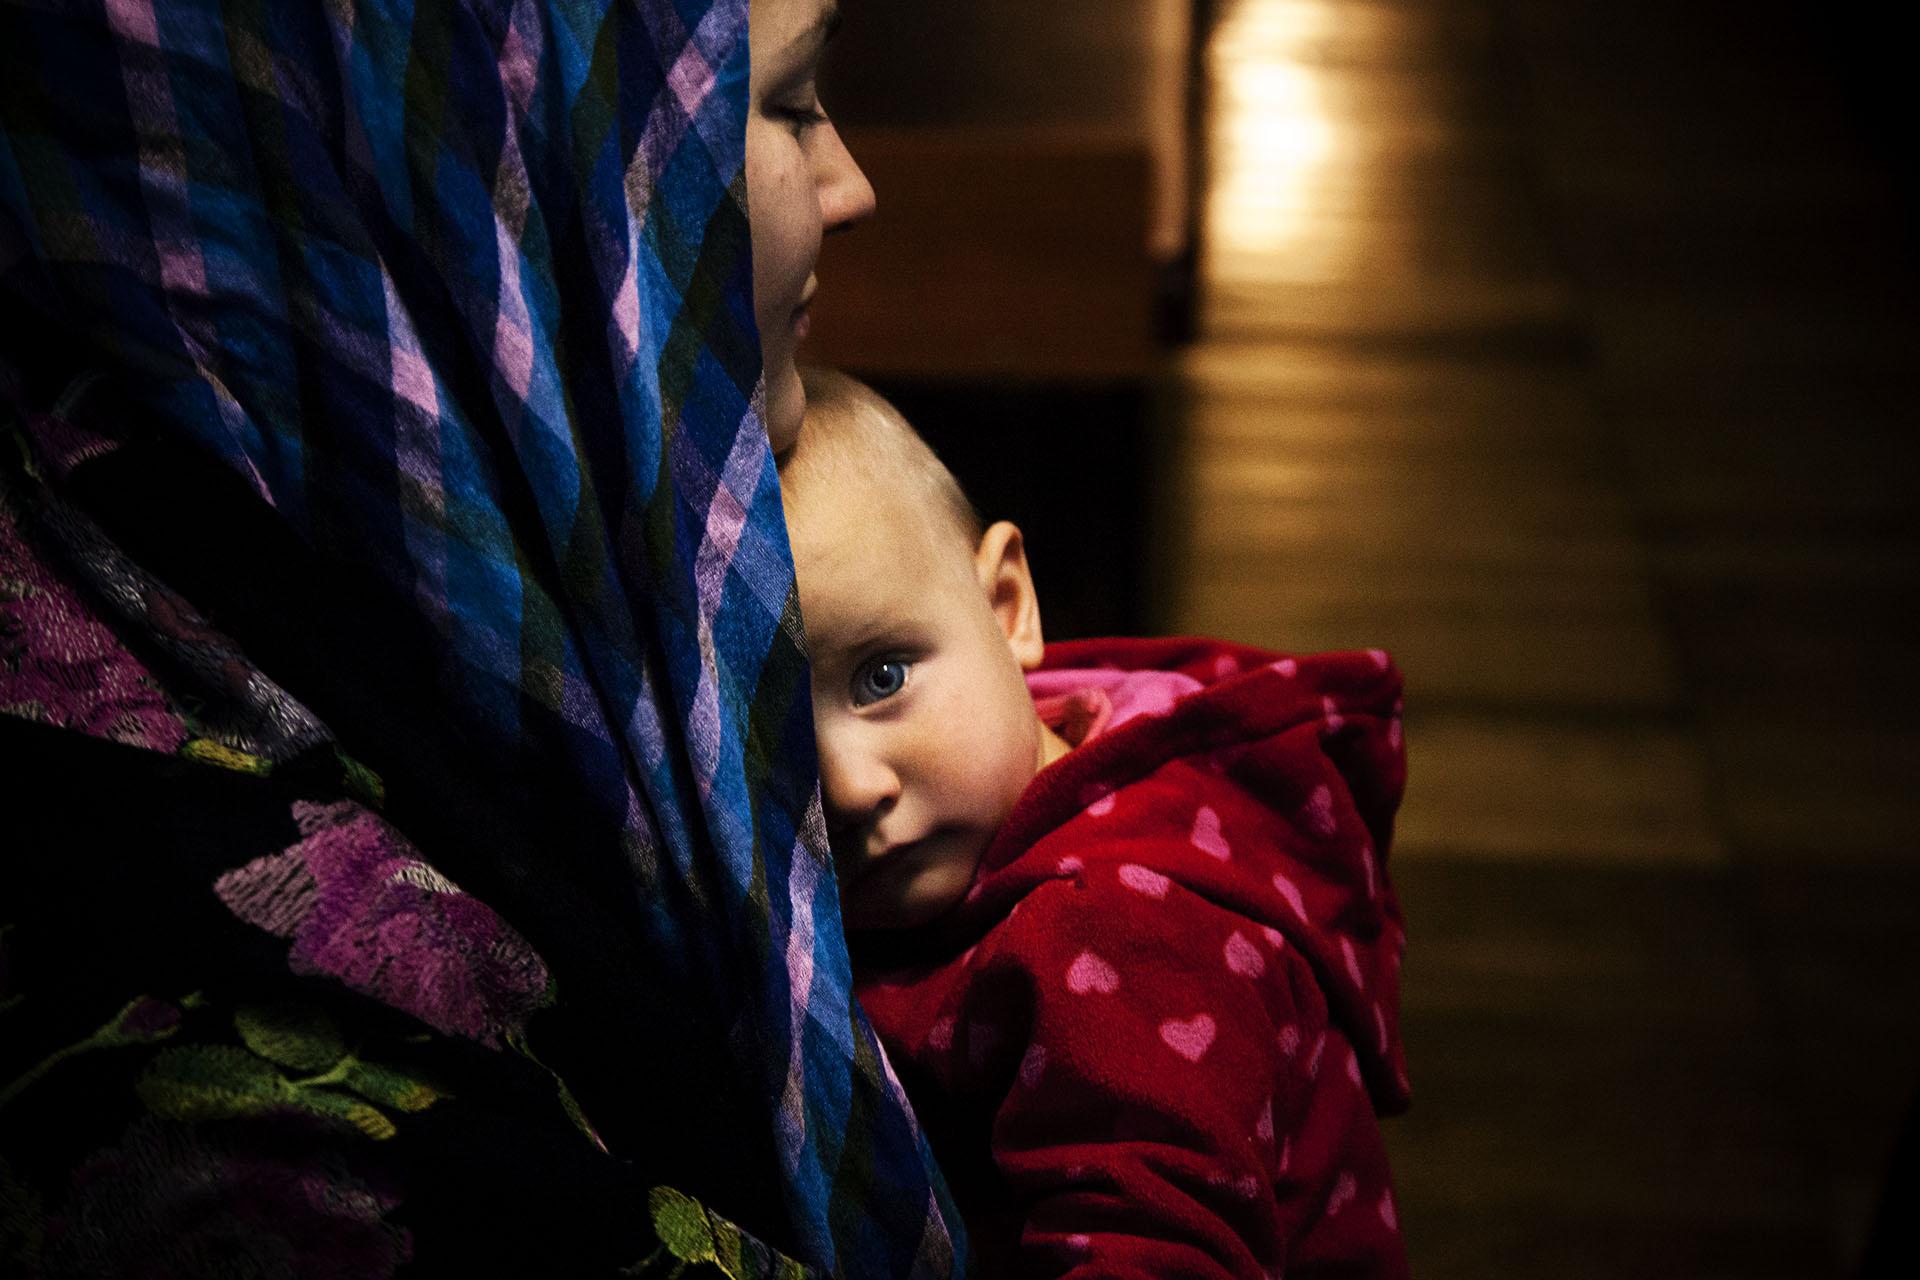 Alyona y su hija María, nacida en un Monasterio reconvertido en refugio para desplazados para la guerra.